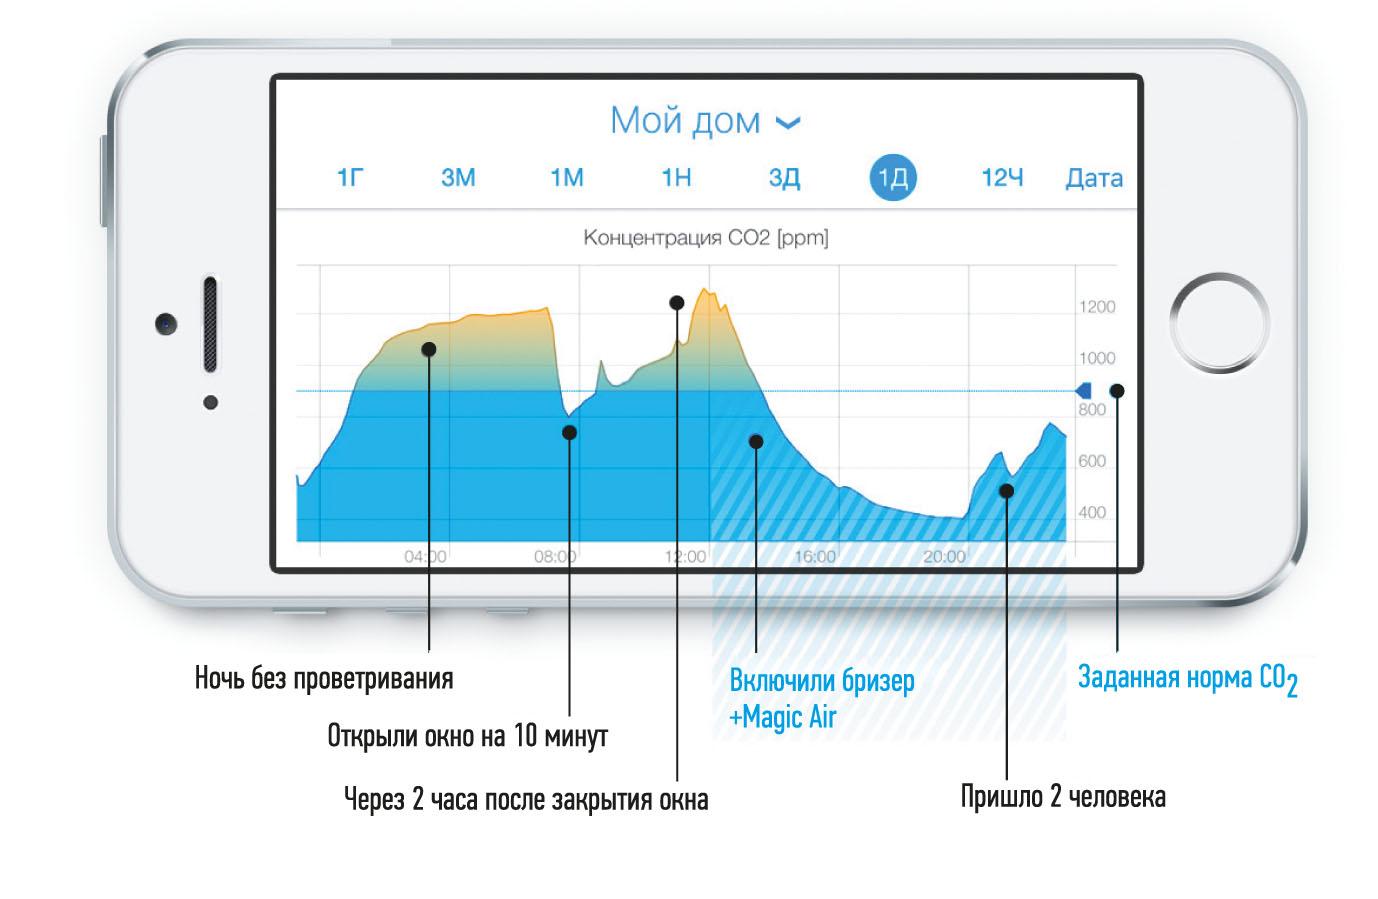 Рис. 6. Бризер под управлением MagicAir приводит концентрацию СО2 к заданному значению и поддерживает ее на этом уровне